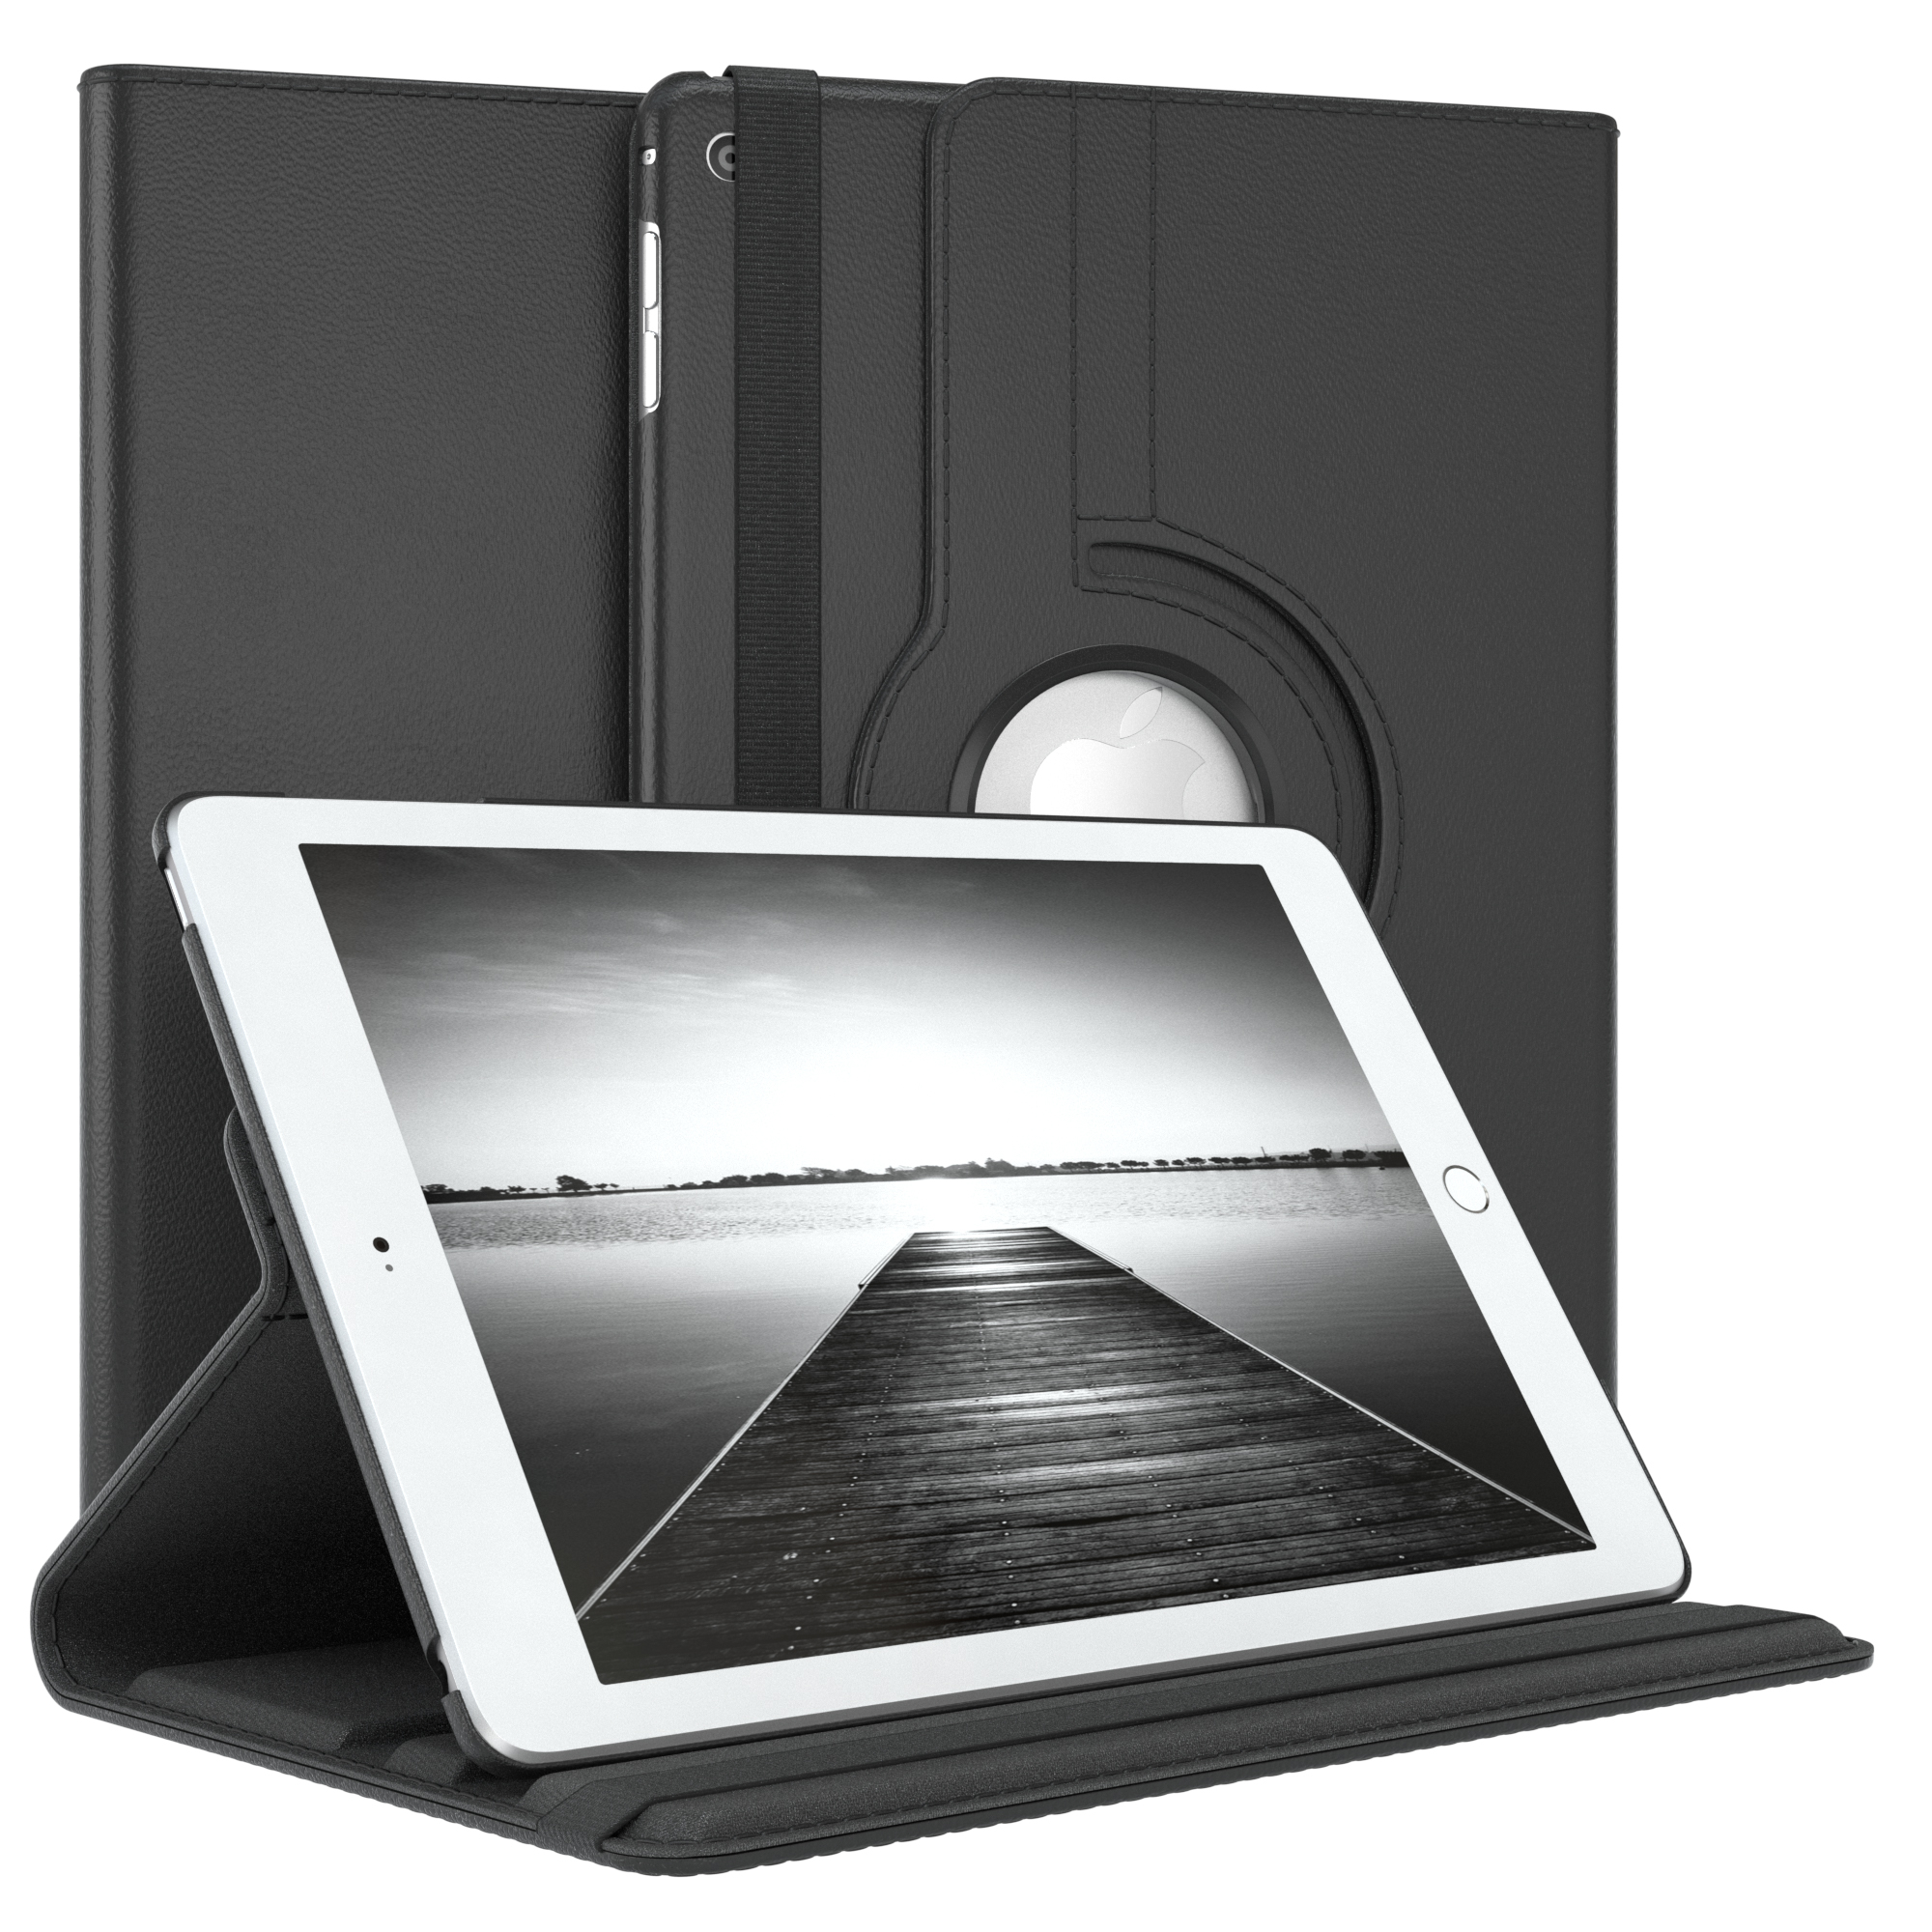 Tasche-fuer-Apple-iPad-Smart-Case-Schutz-Huelle-Etui-Tasche-Bumper-Flip-Cover-360 Indexbild 9